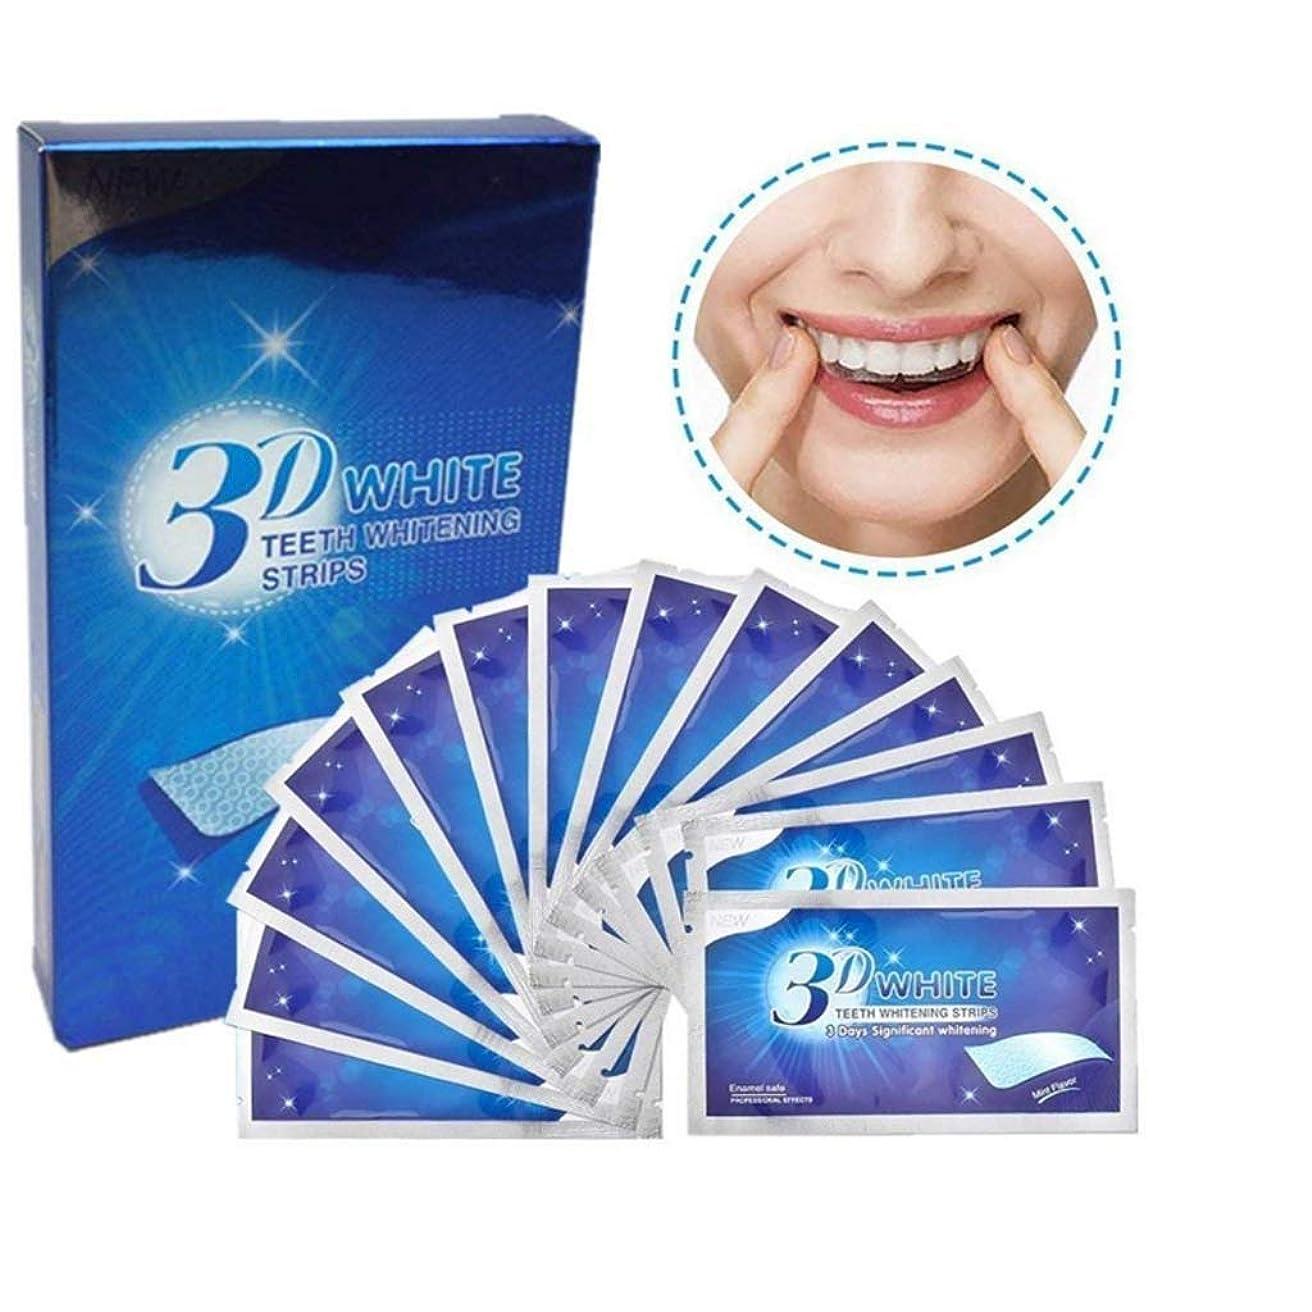 ナプキン眉電子レンジ歯 美白 ホワイトニング マニキュア 歯ケア 歯のホワイトニング 美白歯磨き 歯を白 ホワイトニングテープ 歯を漂白 14枚